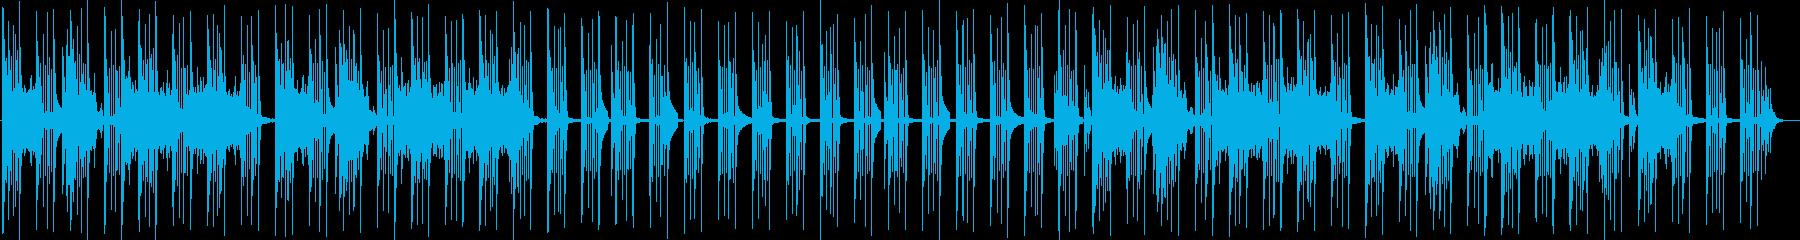 気だるいイメージの曲の再生済みの波形